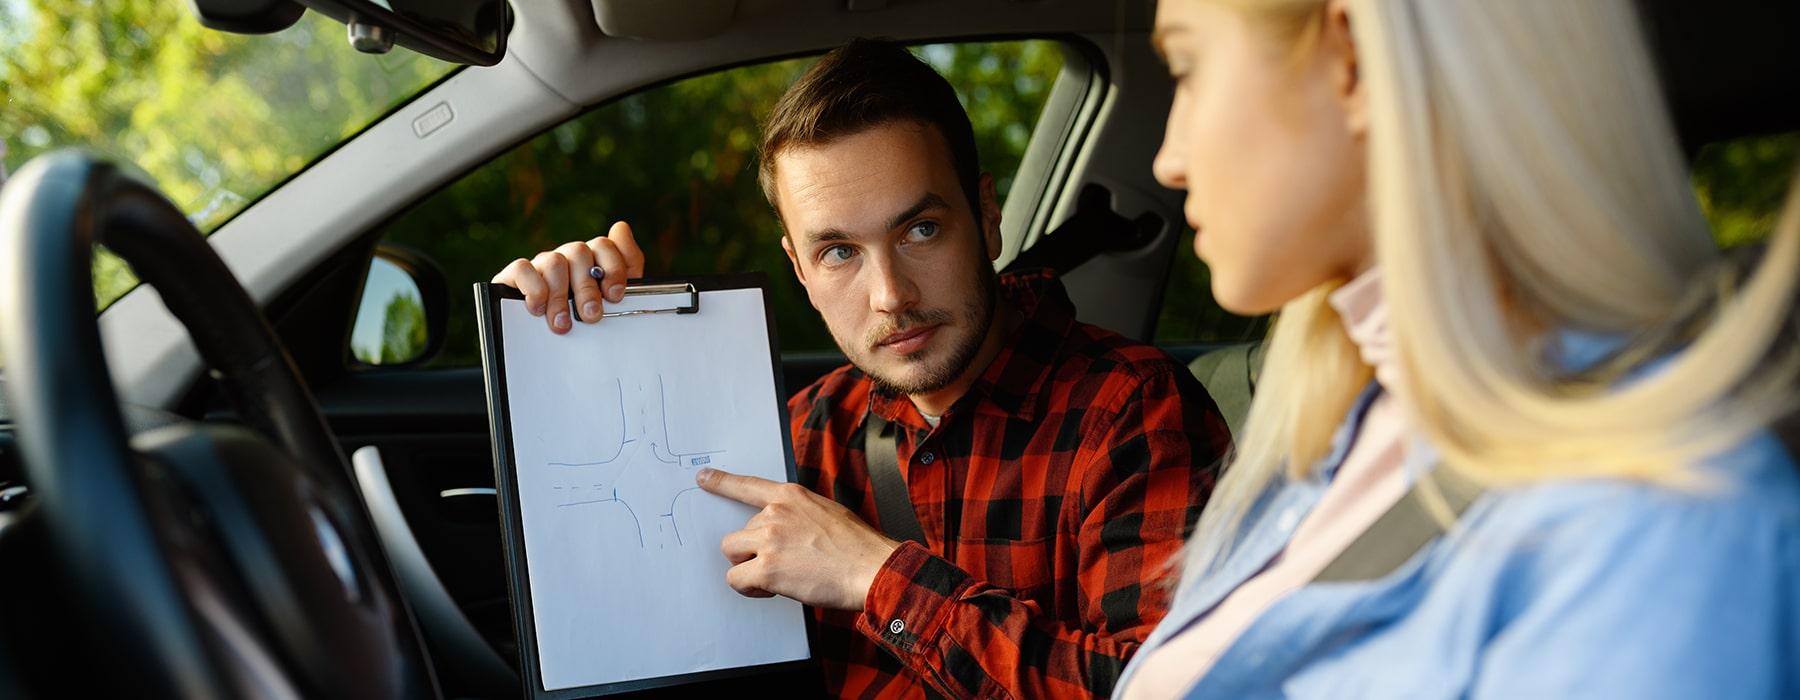 auto-ecole-rouen-auto-ecole-permis-de-conduire-rouen-agence-permis-b-rouen-conduite-accompagnee-rouen-passer-son-code-rouen-code-auto-ecole-rouen